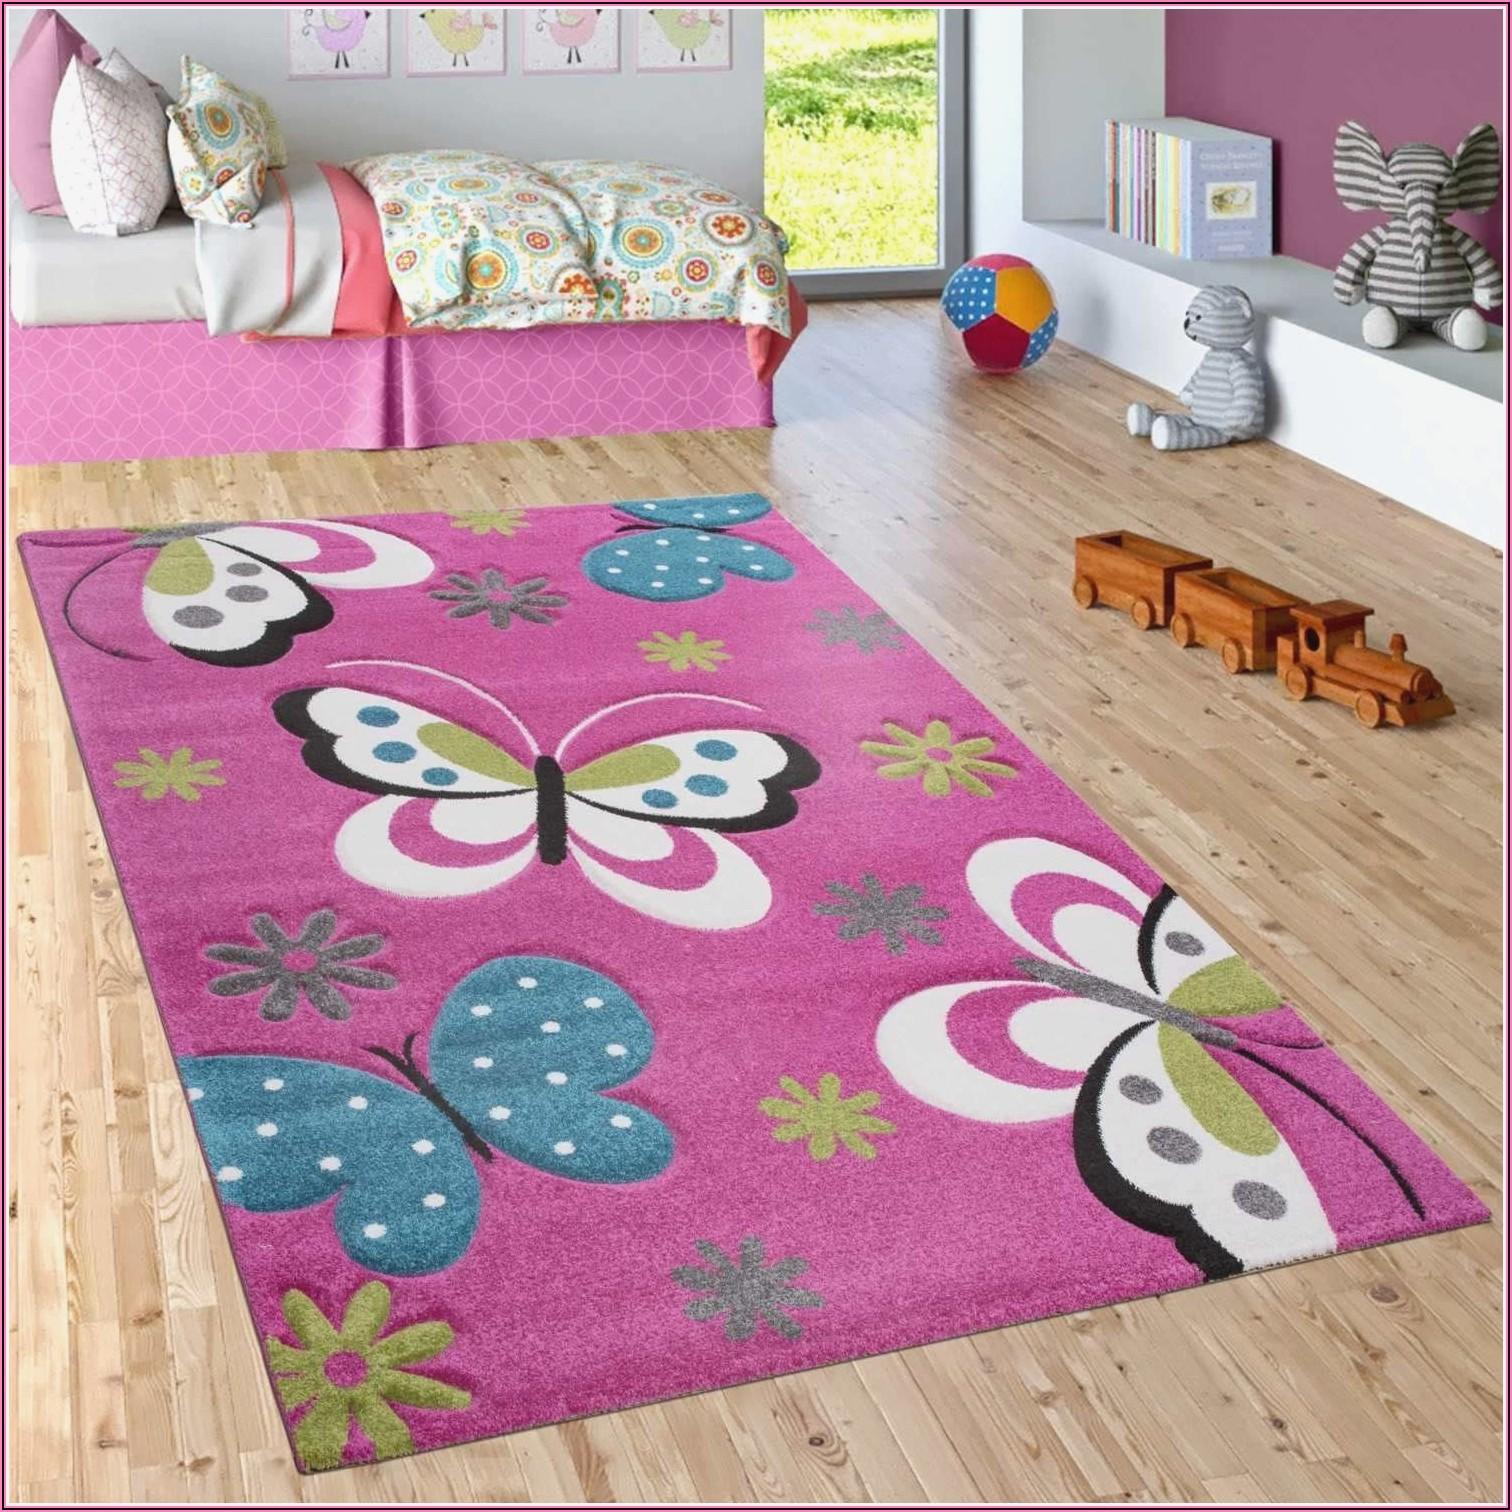 Neuer Teppich Im Kinderzimmer